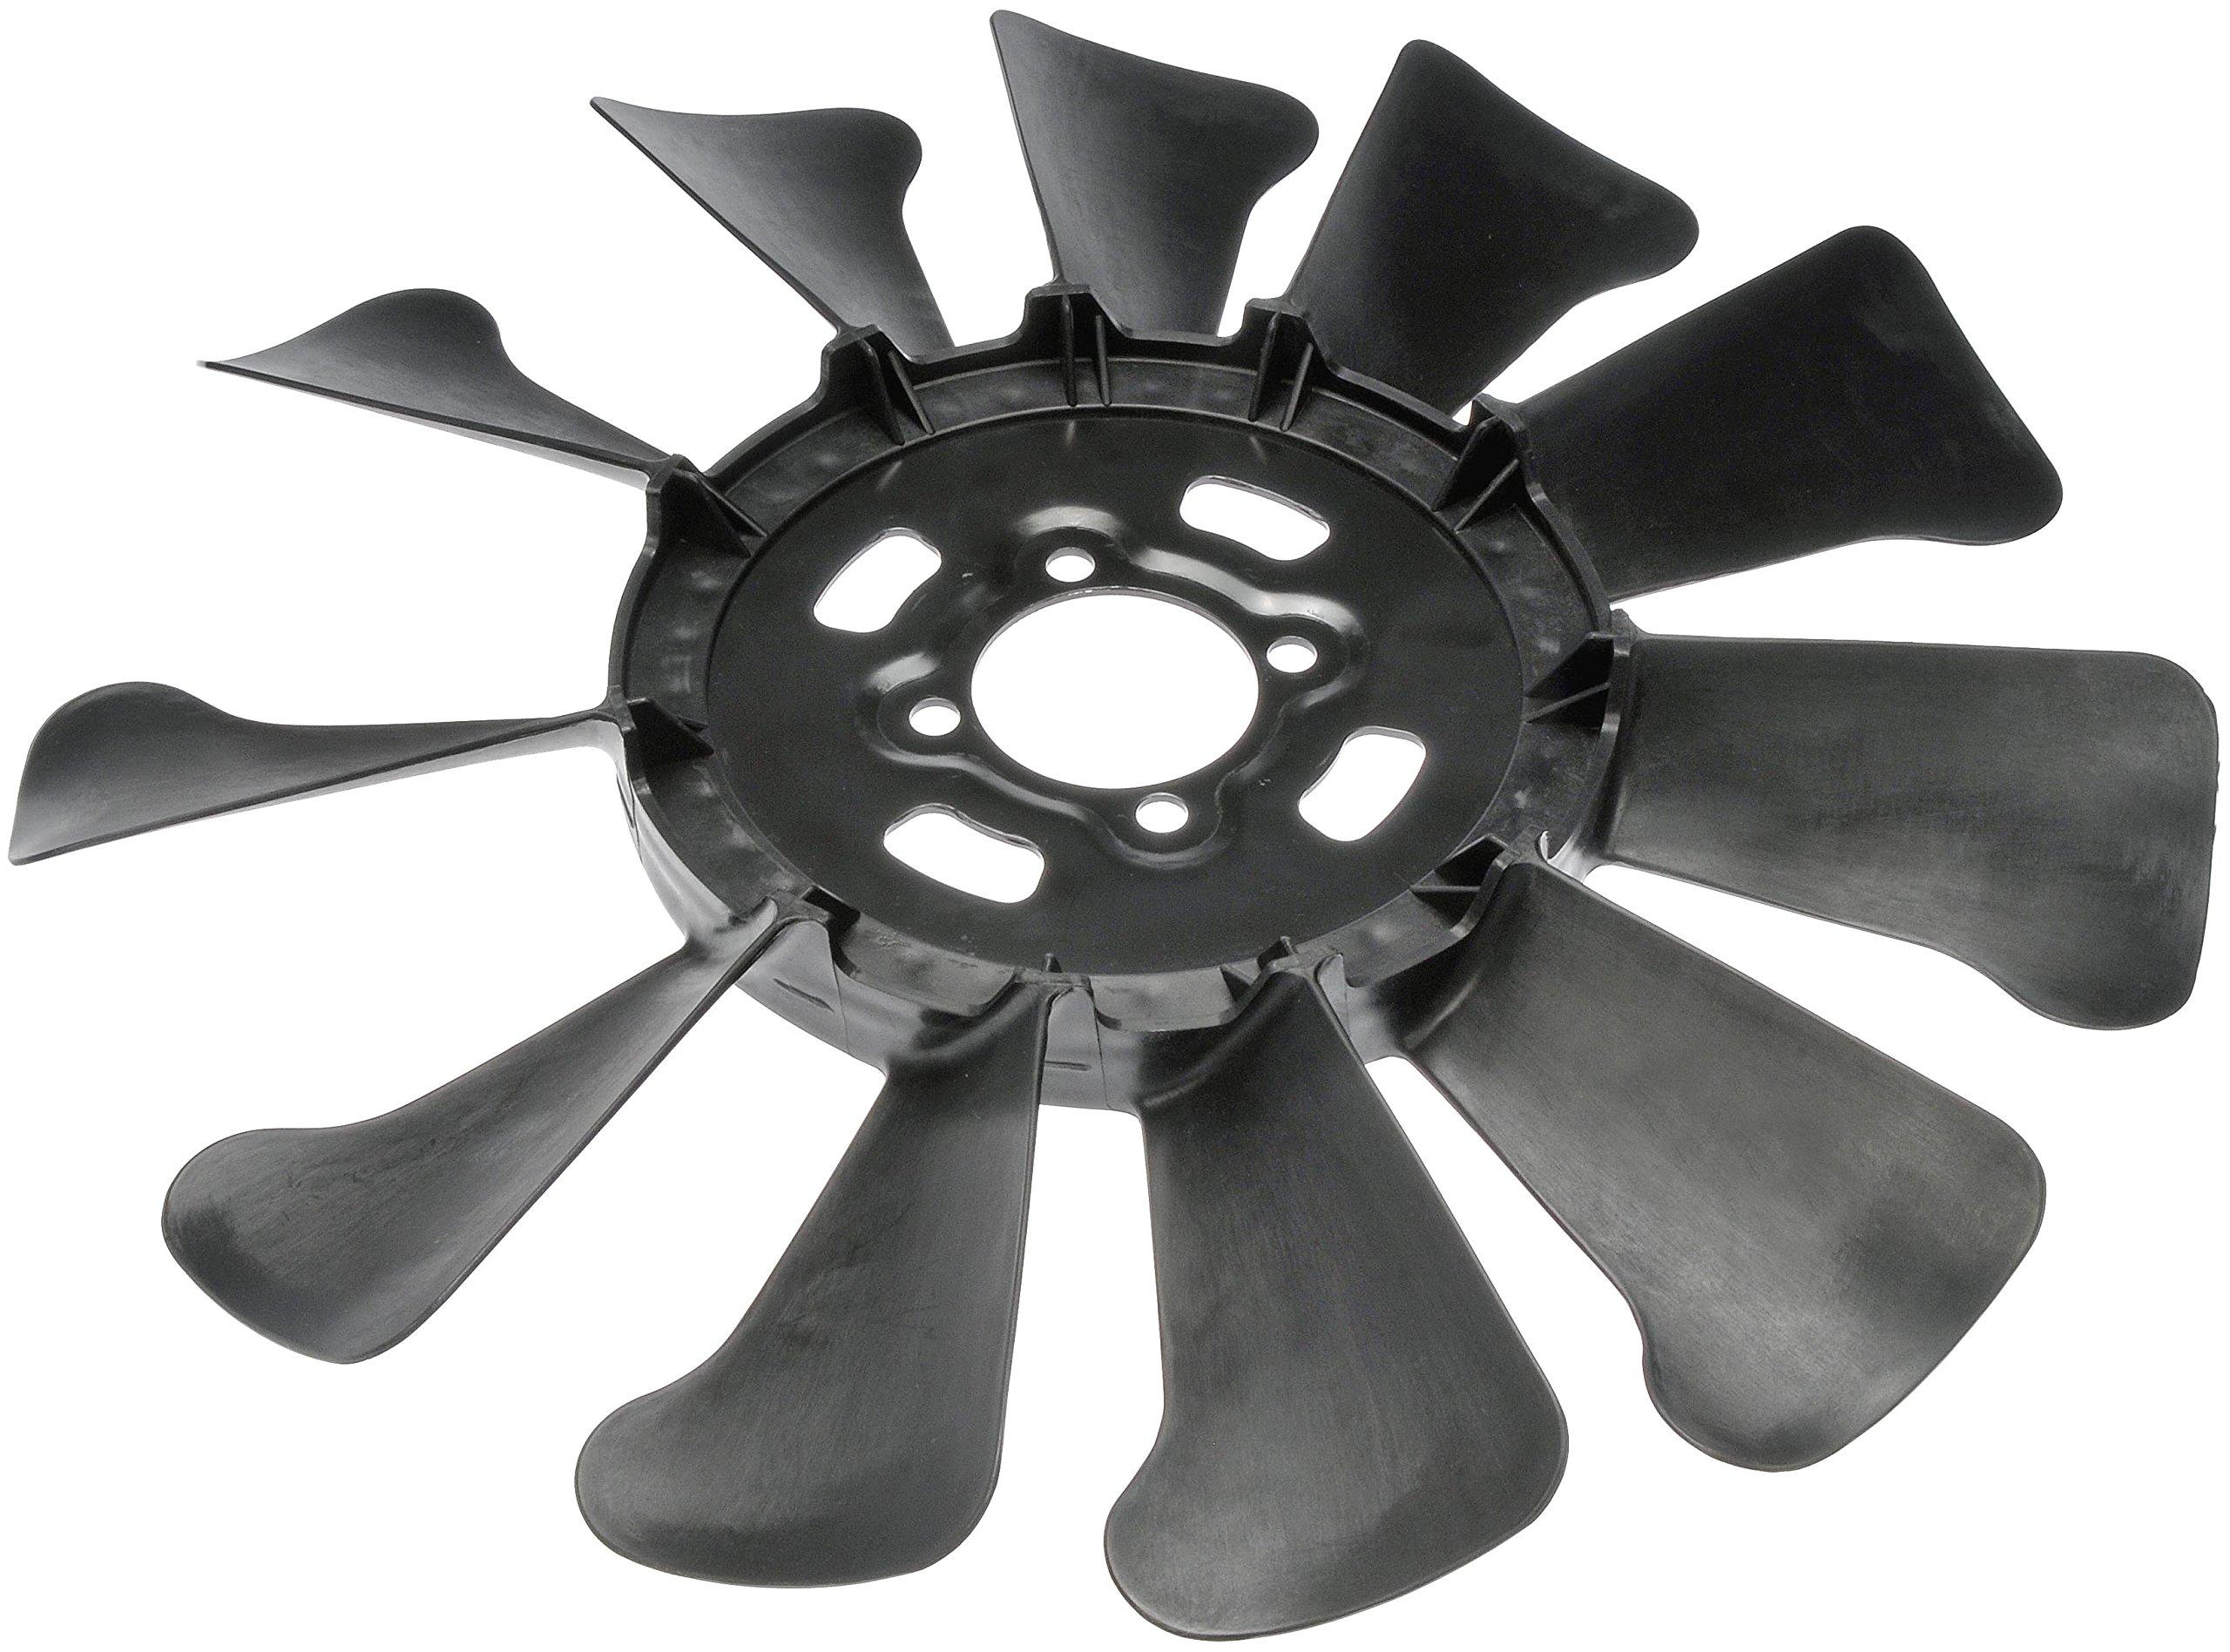 Dorman 621-515 Radiator Fan Blade